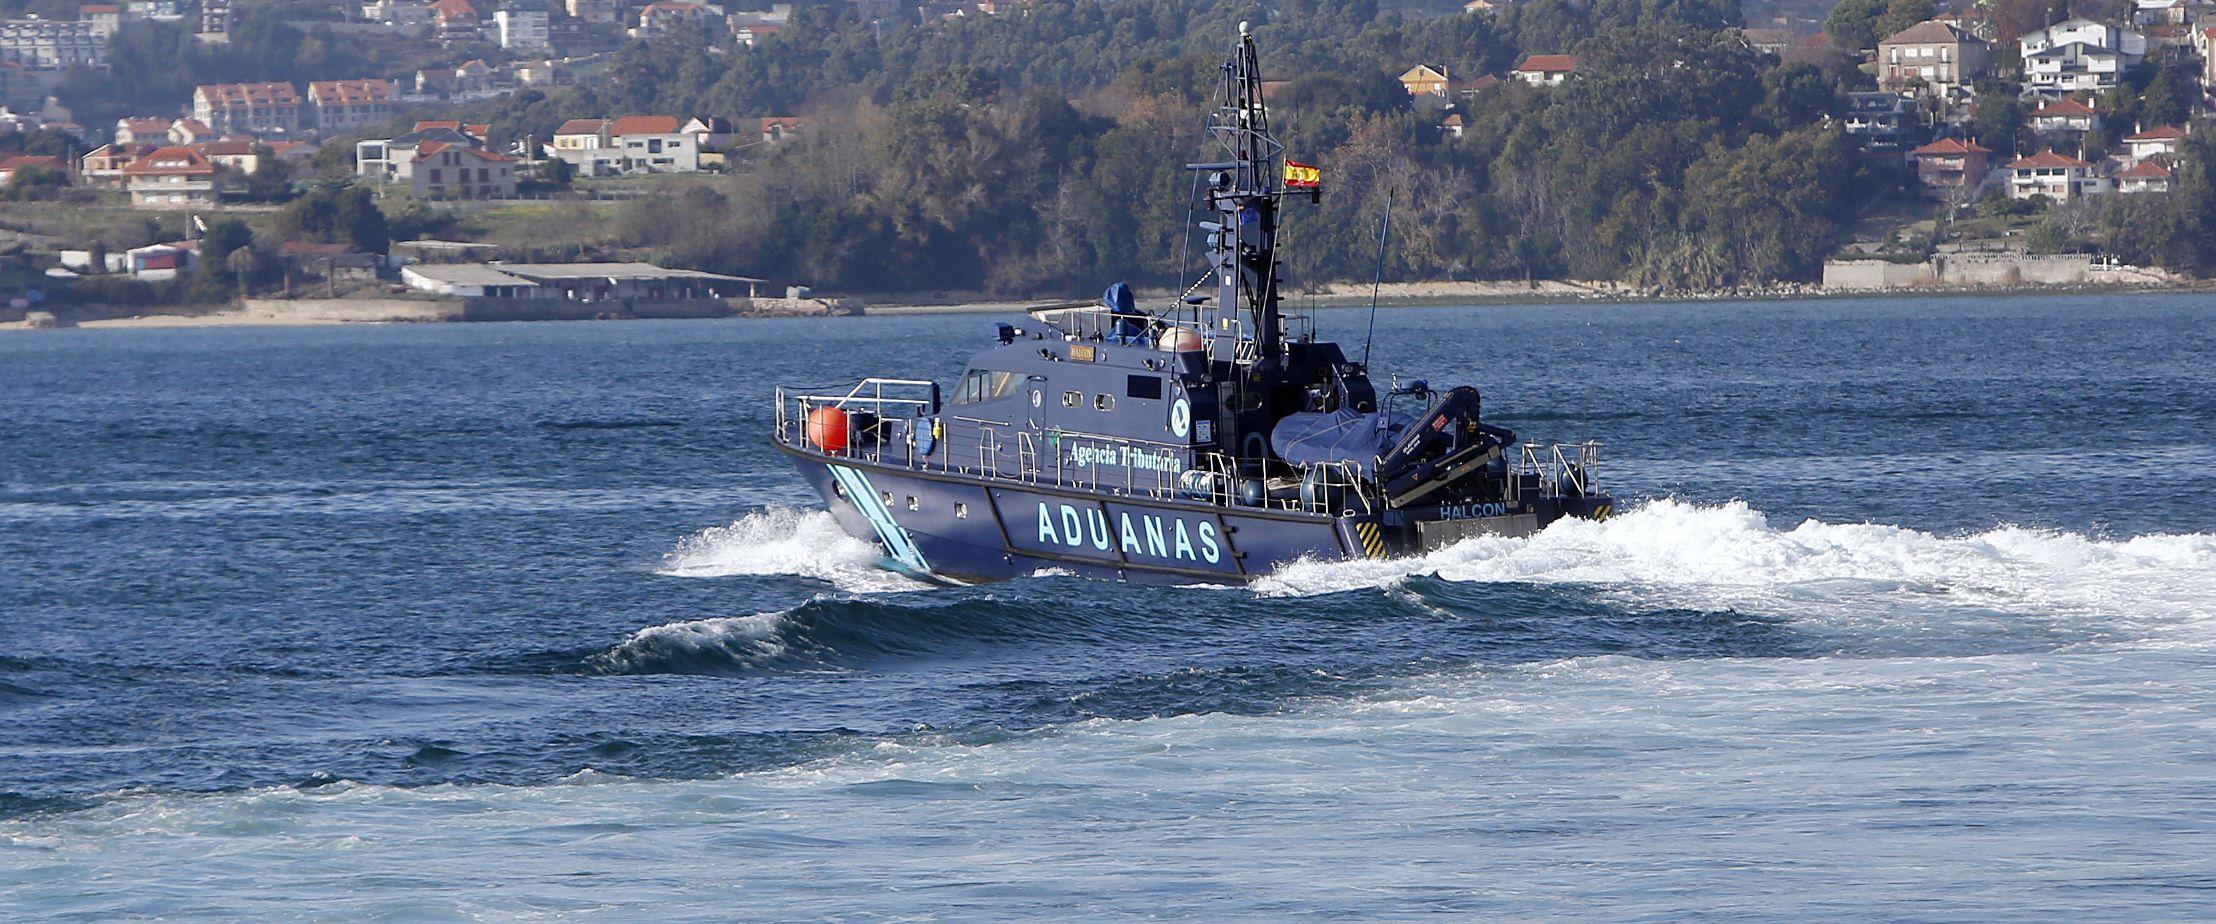 Incendió en Bande con un herido.Patrullera del Servicio de Vigilancia Aduanera recorriendo la ría de Vigo